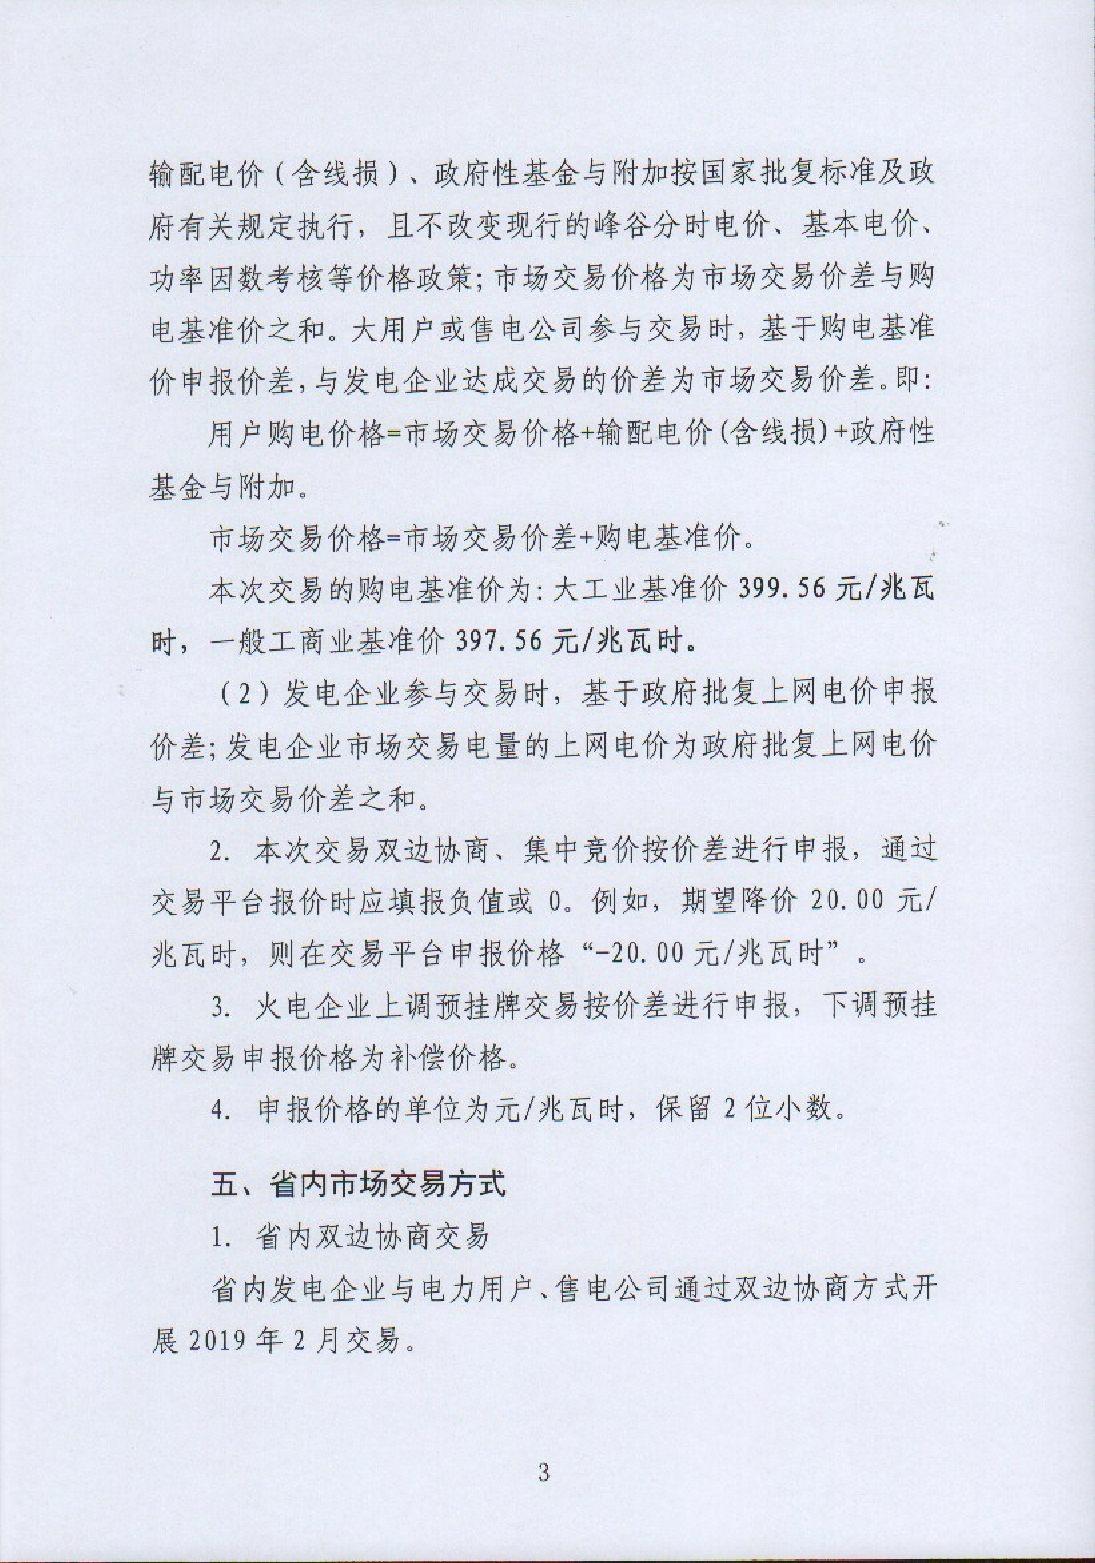 湖南電力交易中心有限公司關于2019年2月電力市場交易的公告.pdf_page_3_compressed.jpg